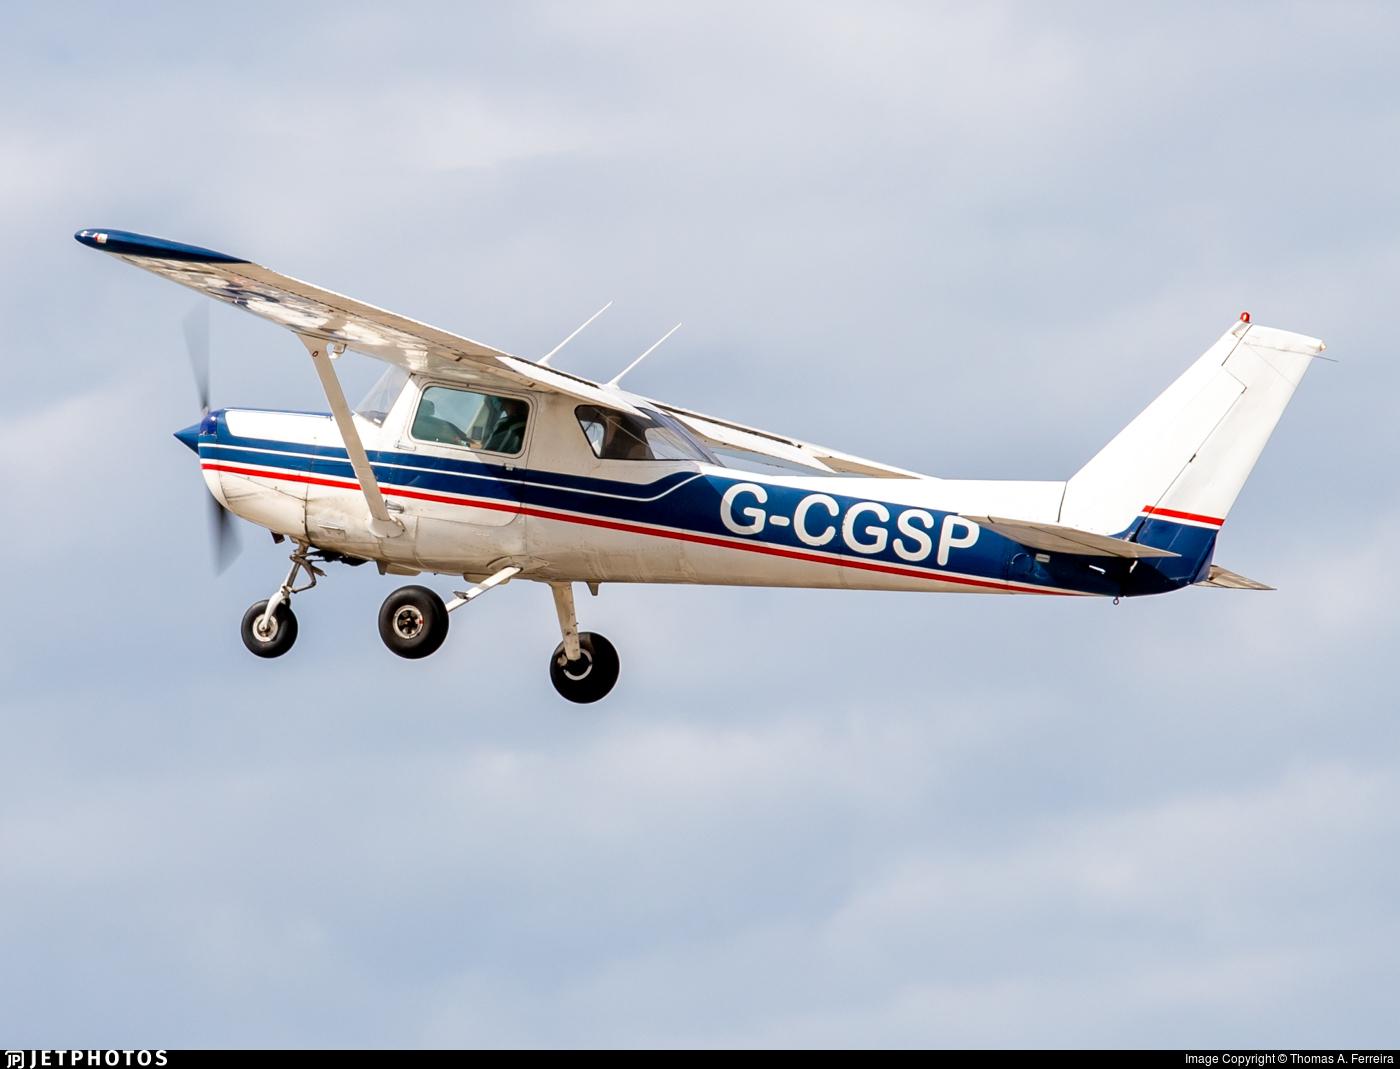 G-CGSP - Cessna 152 - Private